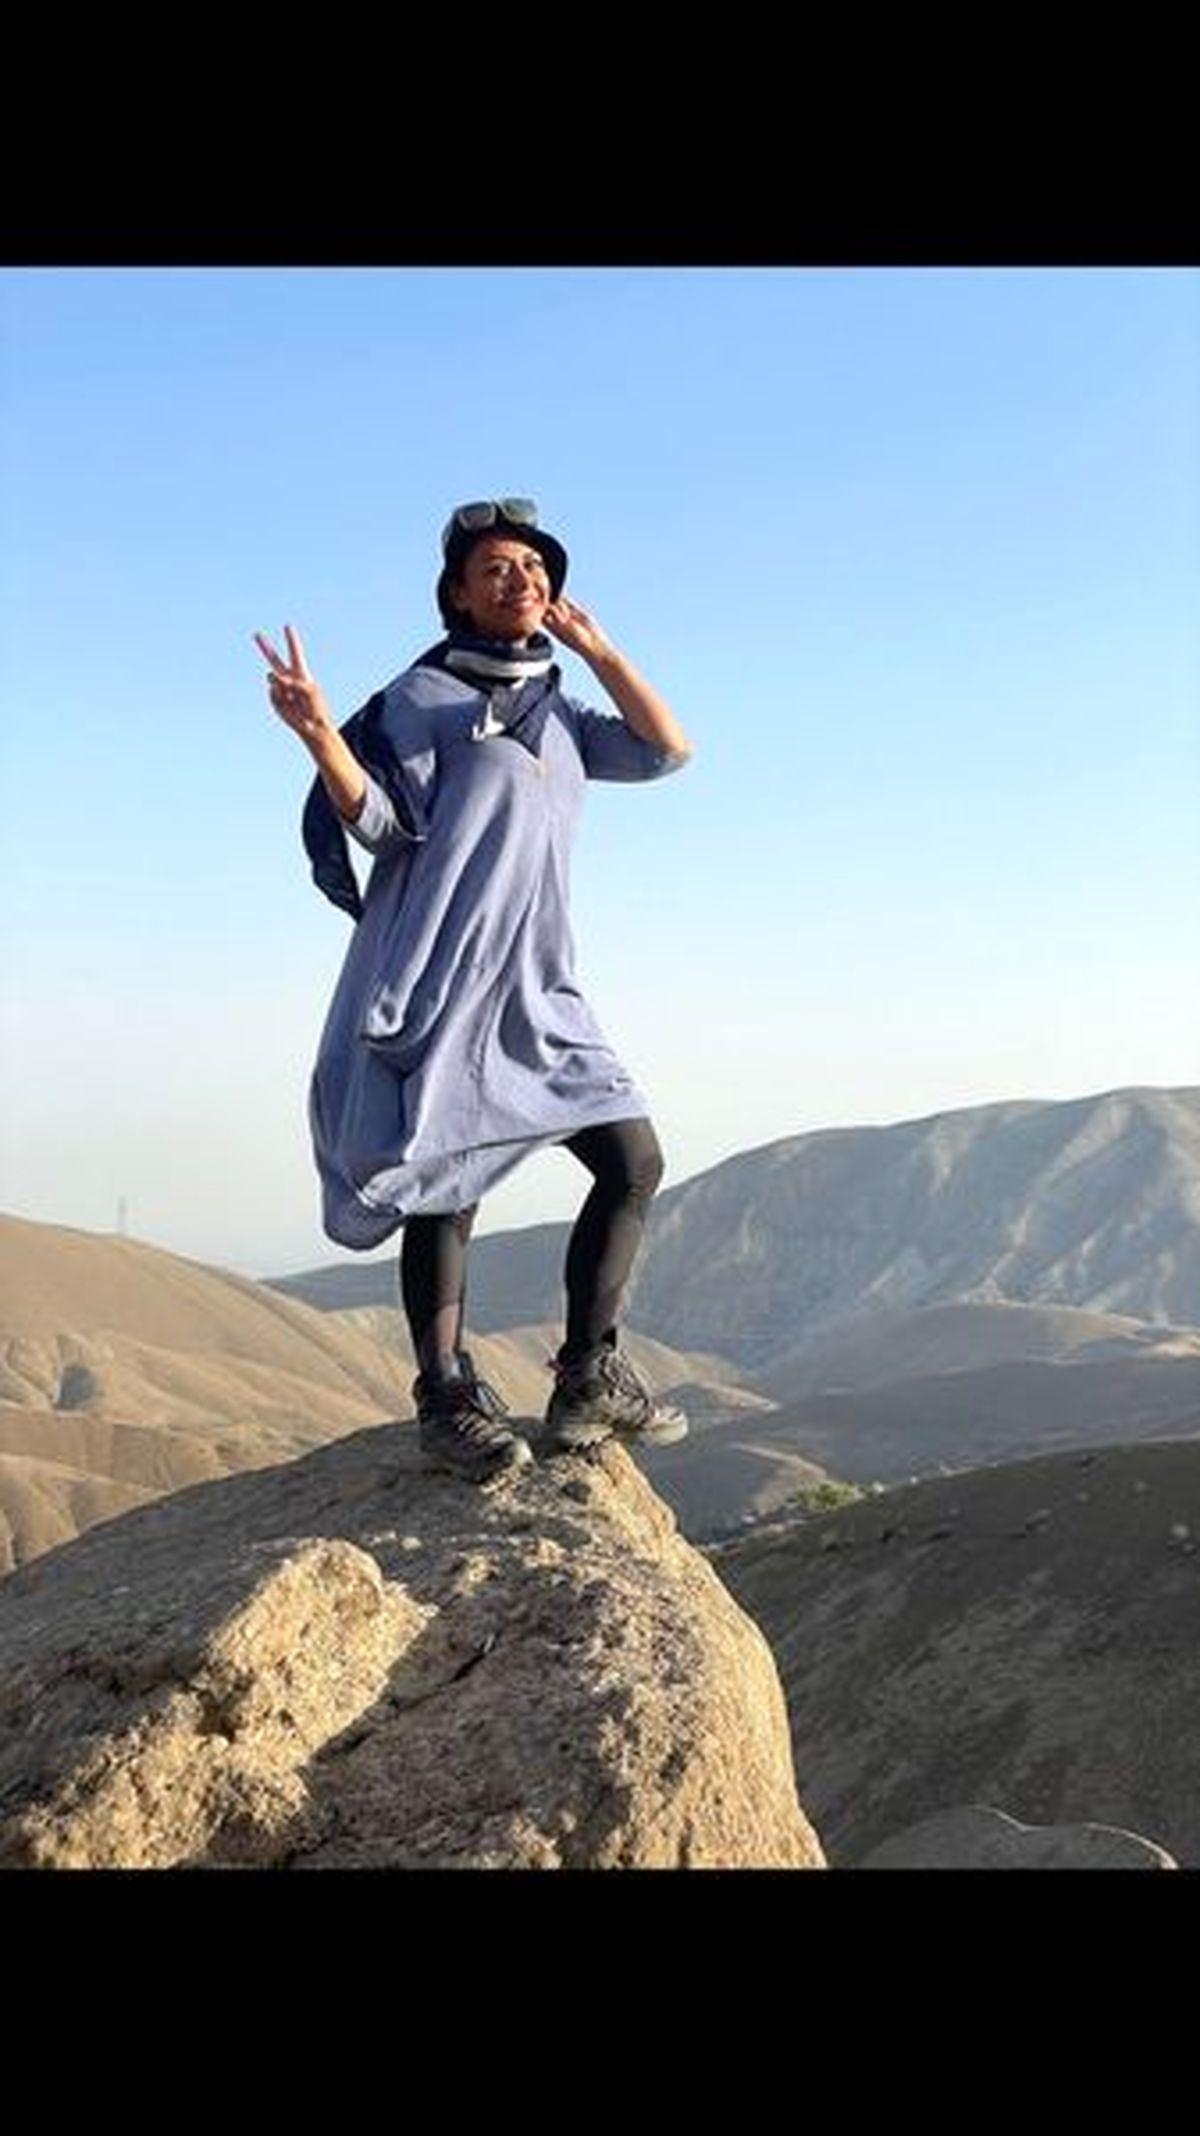 شبنم فرشادجو با پیراهن نازک و ساپورت چسبان و توری +عکس